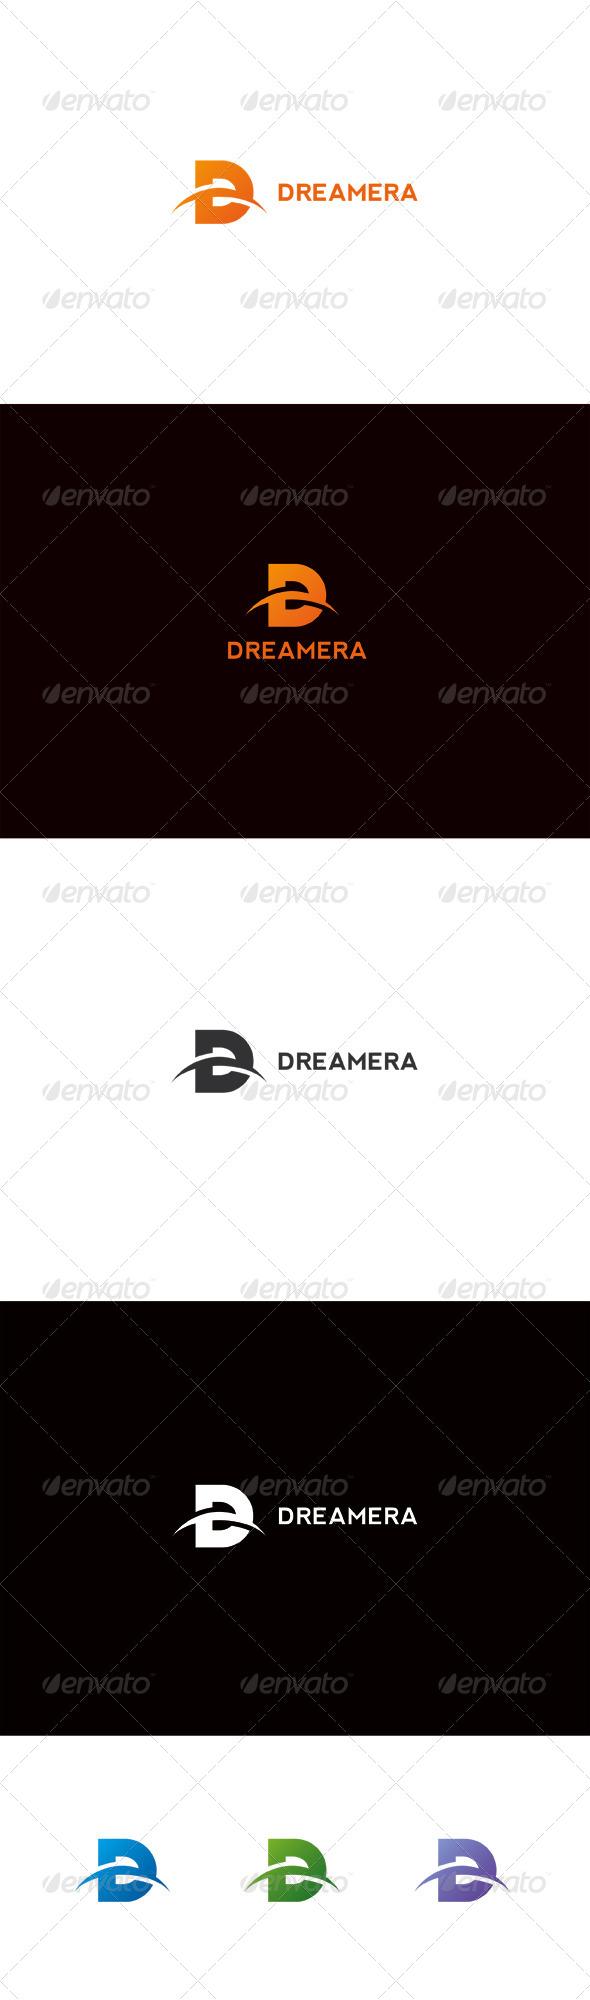 GraphicRiver Dreamera D Letter Logo 6737235